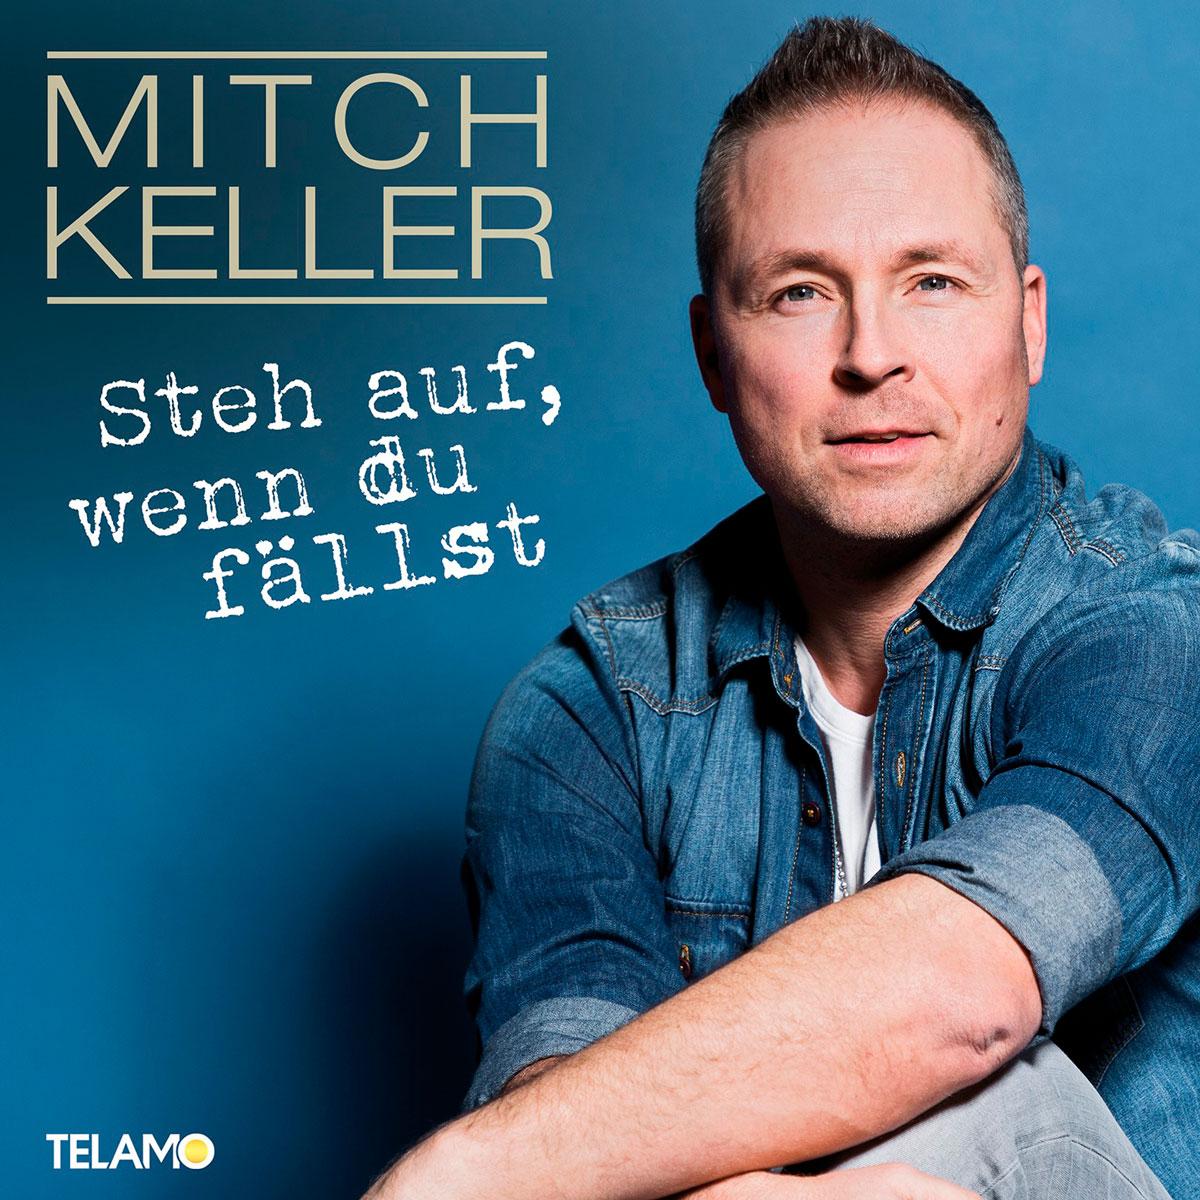 Mitch Keller Steh auf wenn du fällst